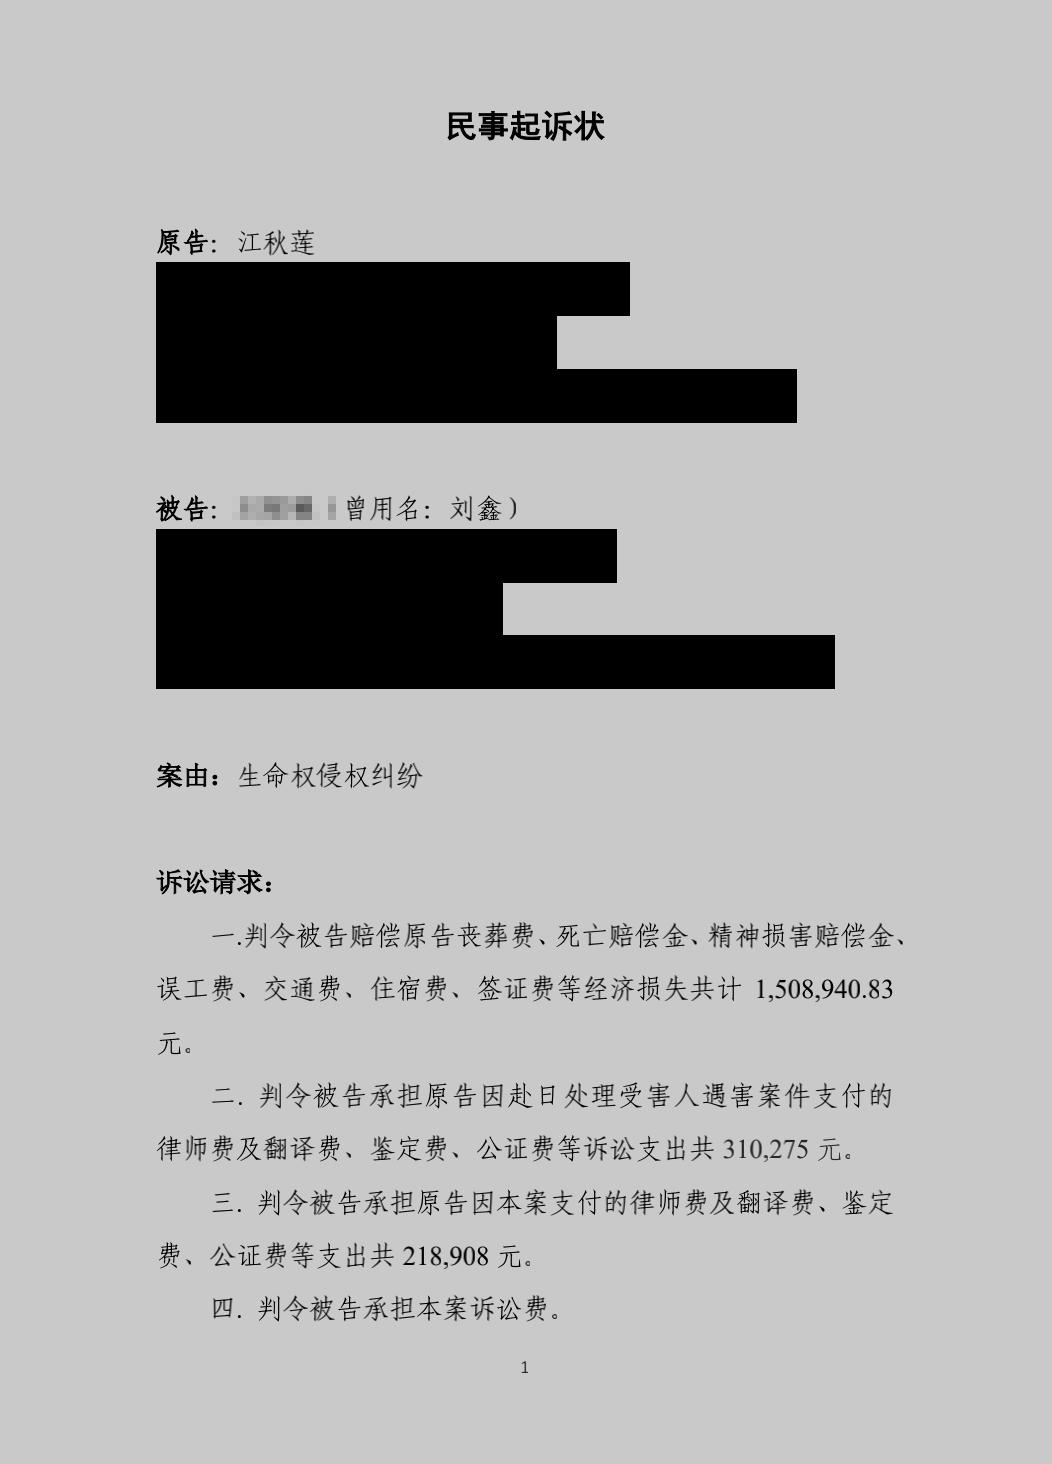 江秋莲的民事起诉状。受访者供图